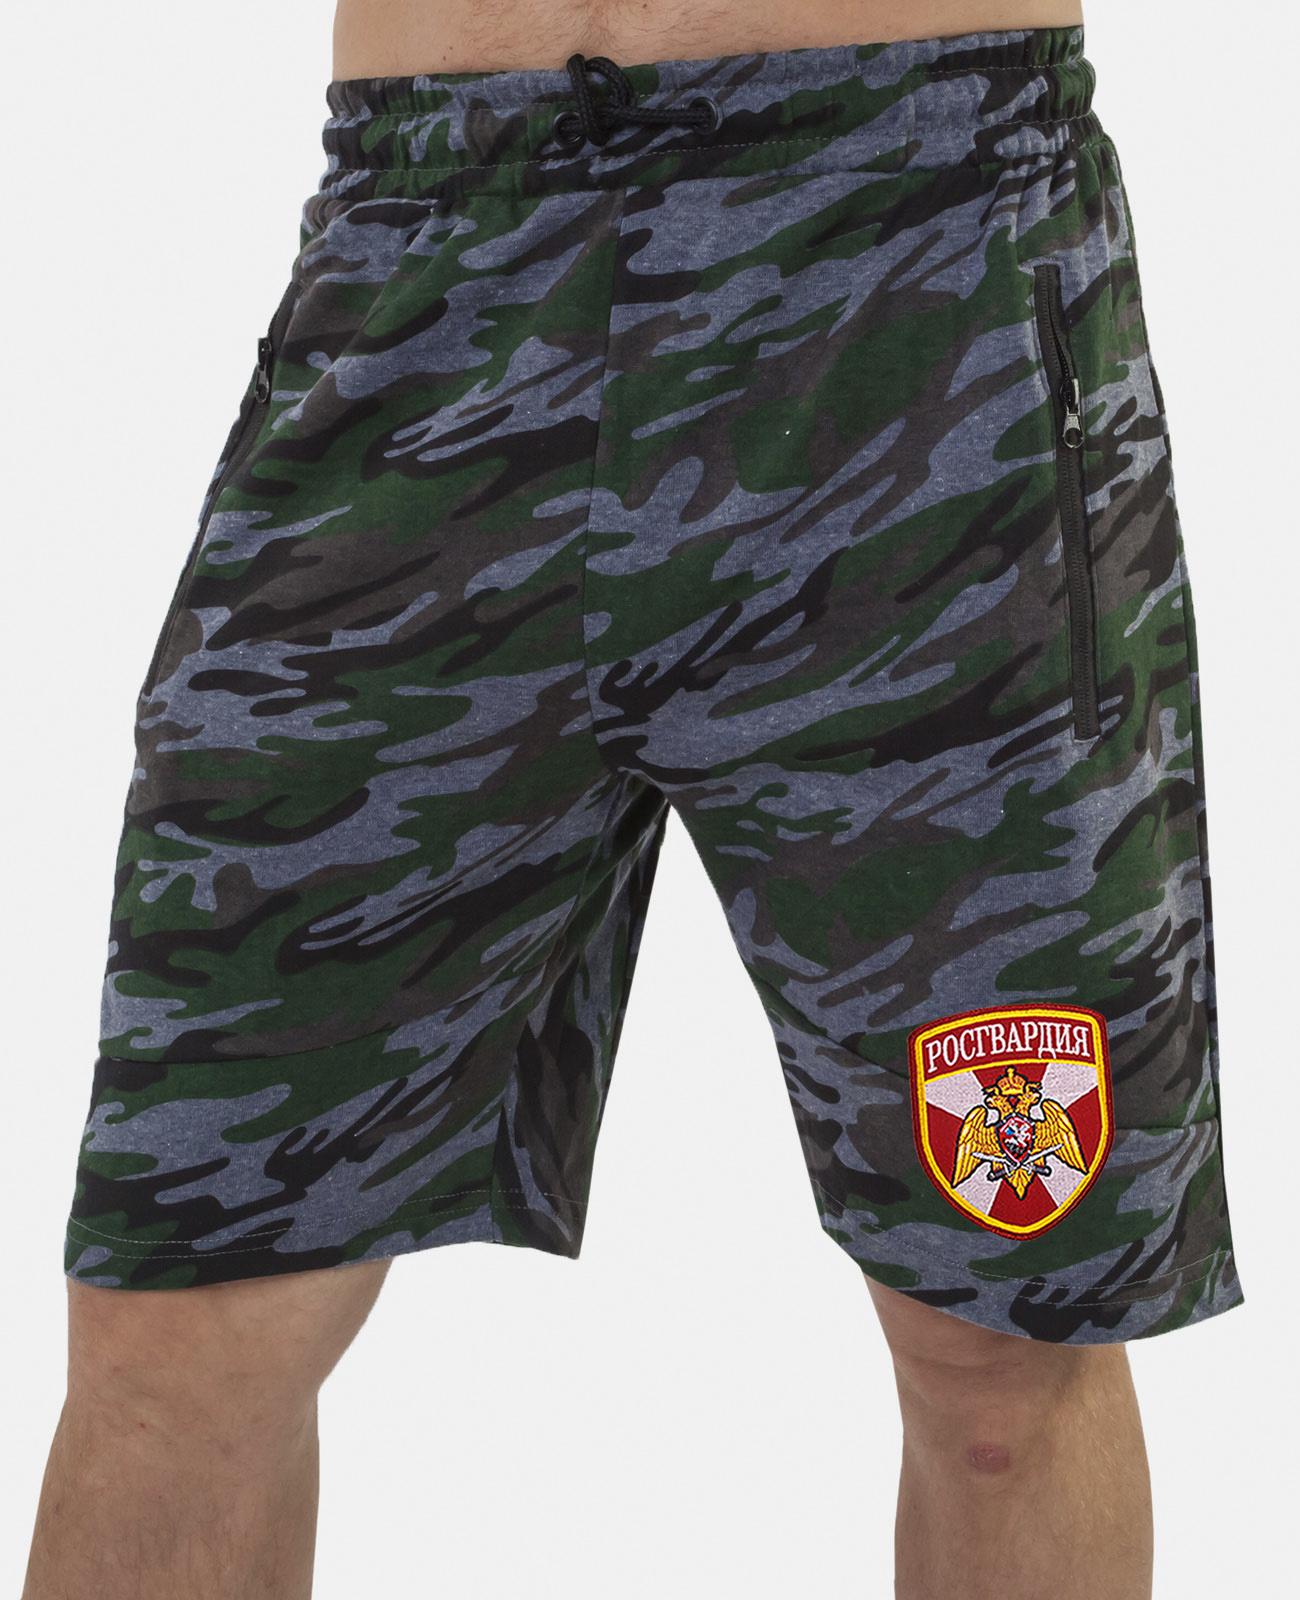 Купить модные камуфляжные милитари шорты с нашивкой Росгвардия оптом выгодно